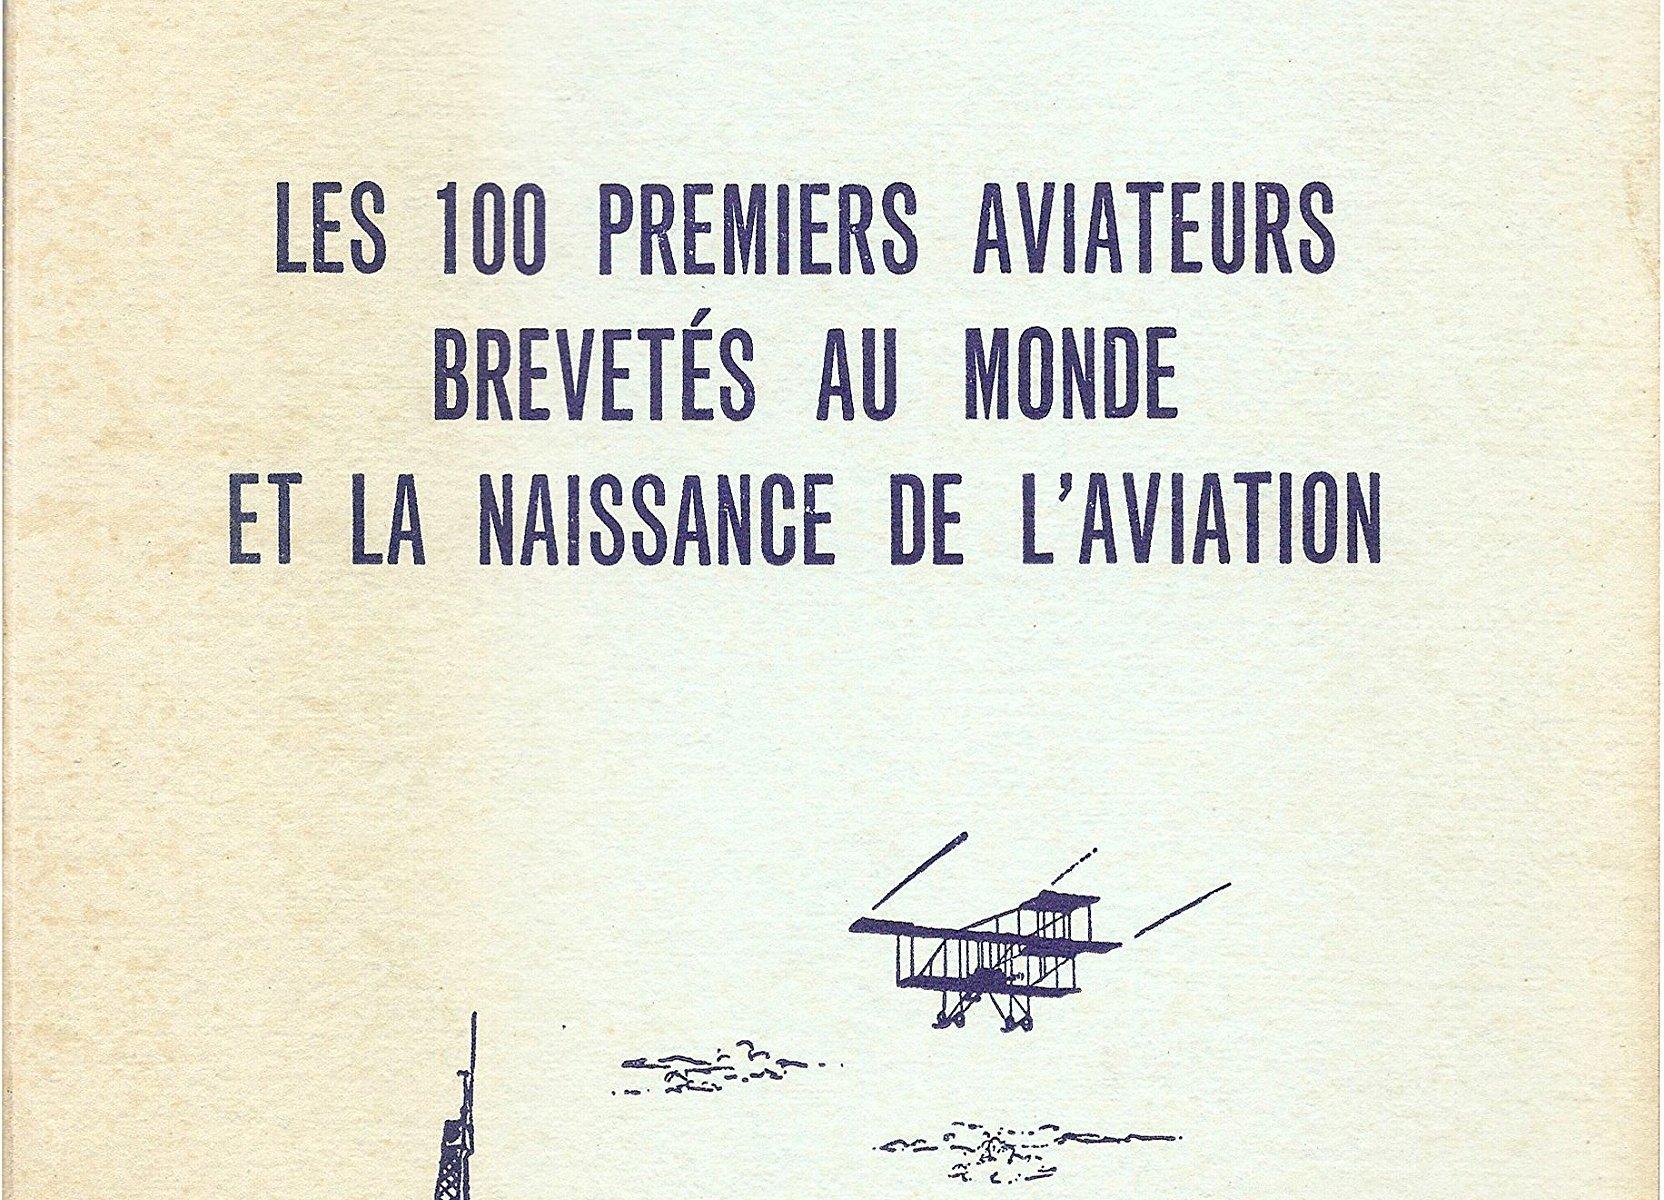 LES 100 PREMIERS AVIATEUR